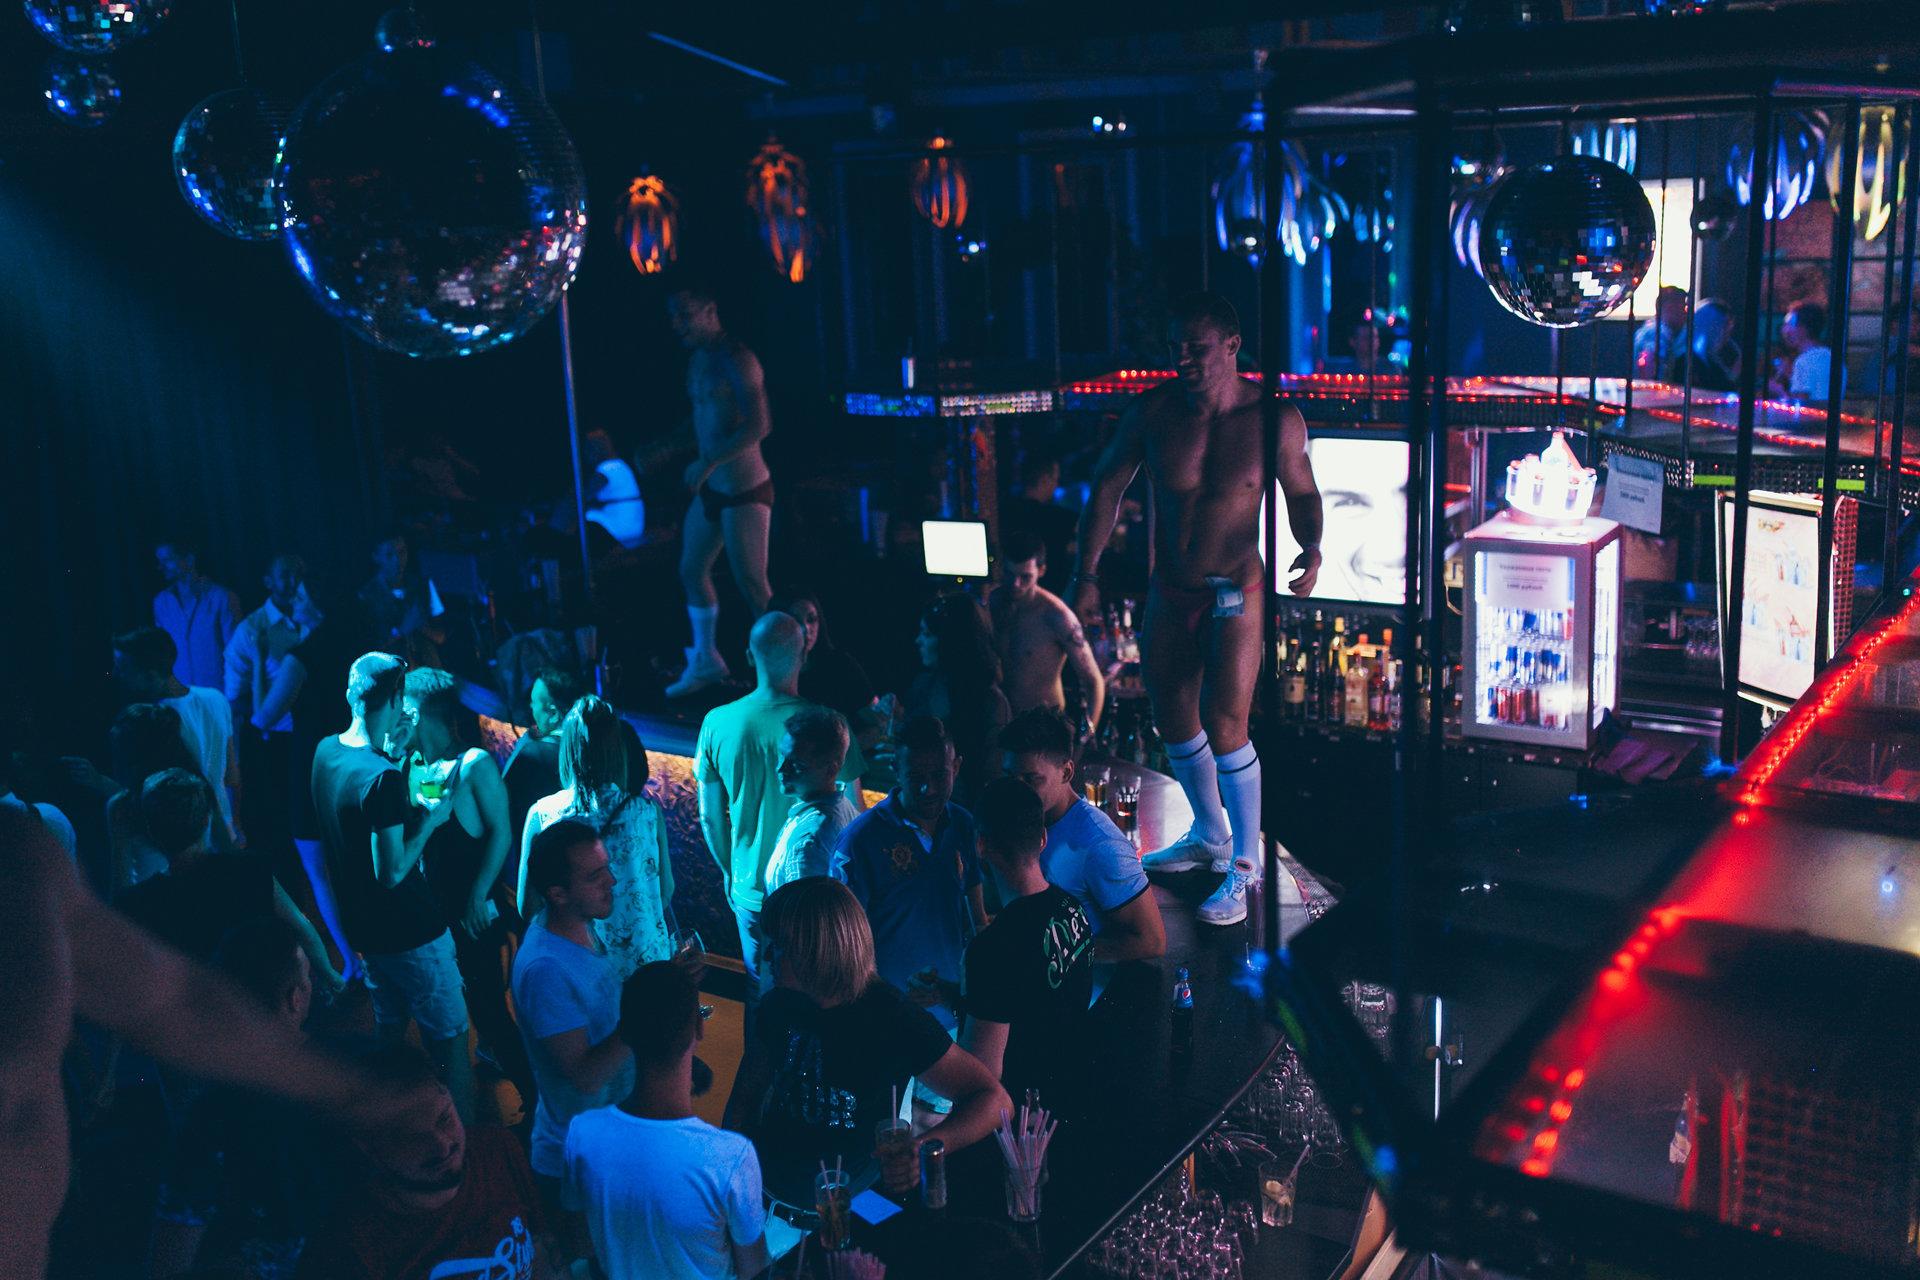 Клубы на юзао москвы ночные ночной клуб свингеров видео